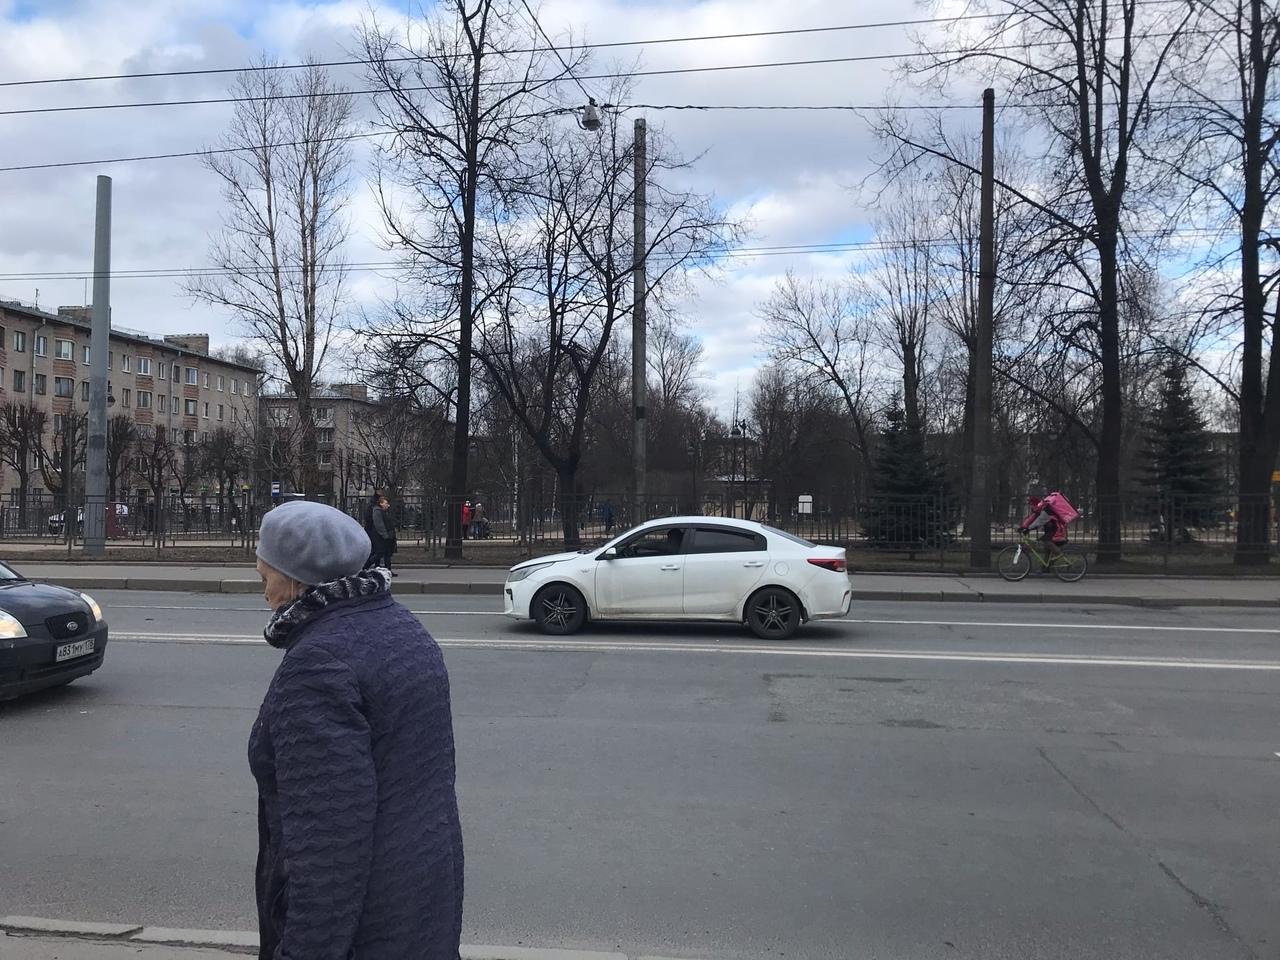 На Седова, перед перекрестком с проспектом Елизарова судя по всему стоит сломанная КИА без аварийки ...